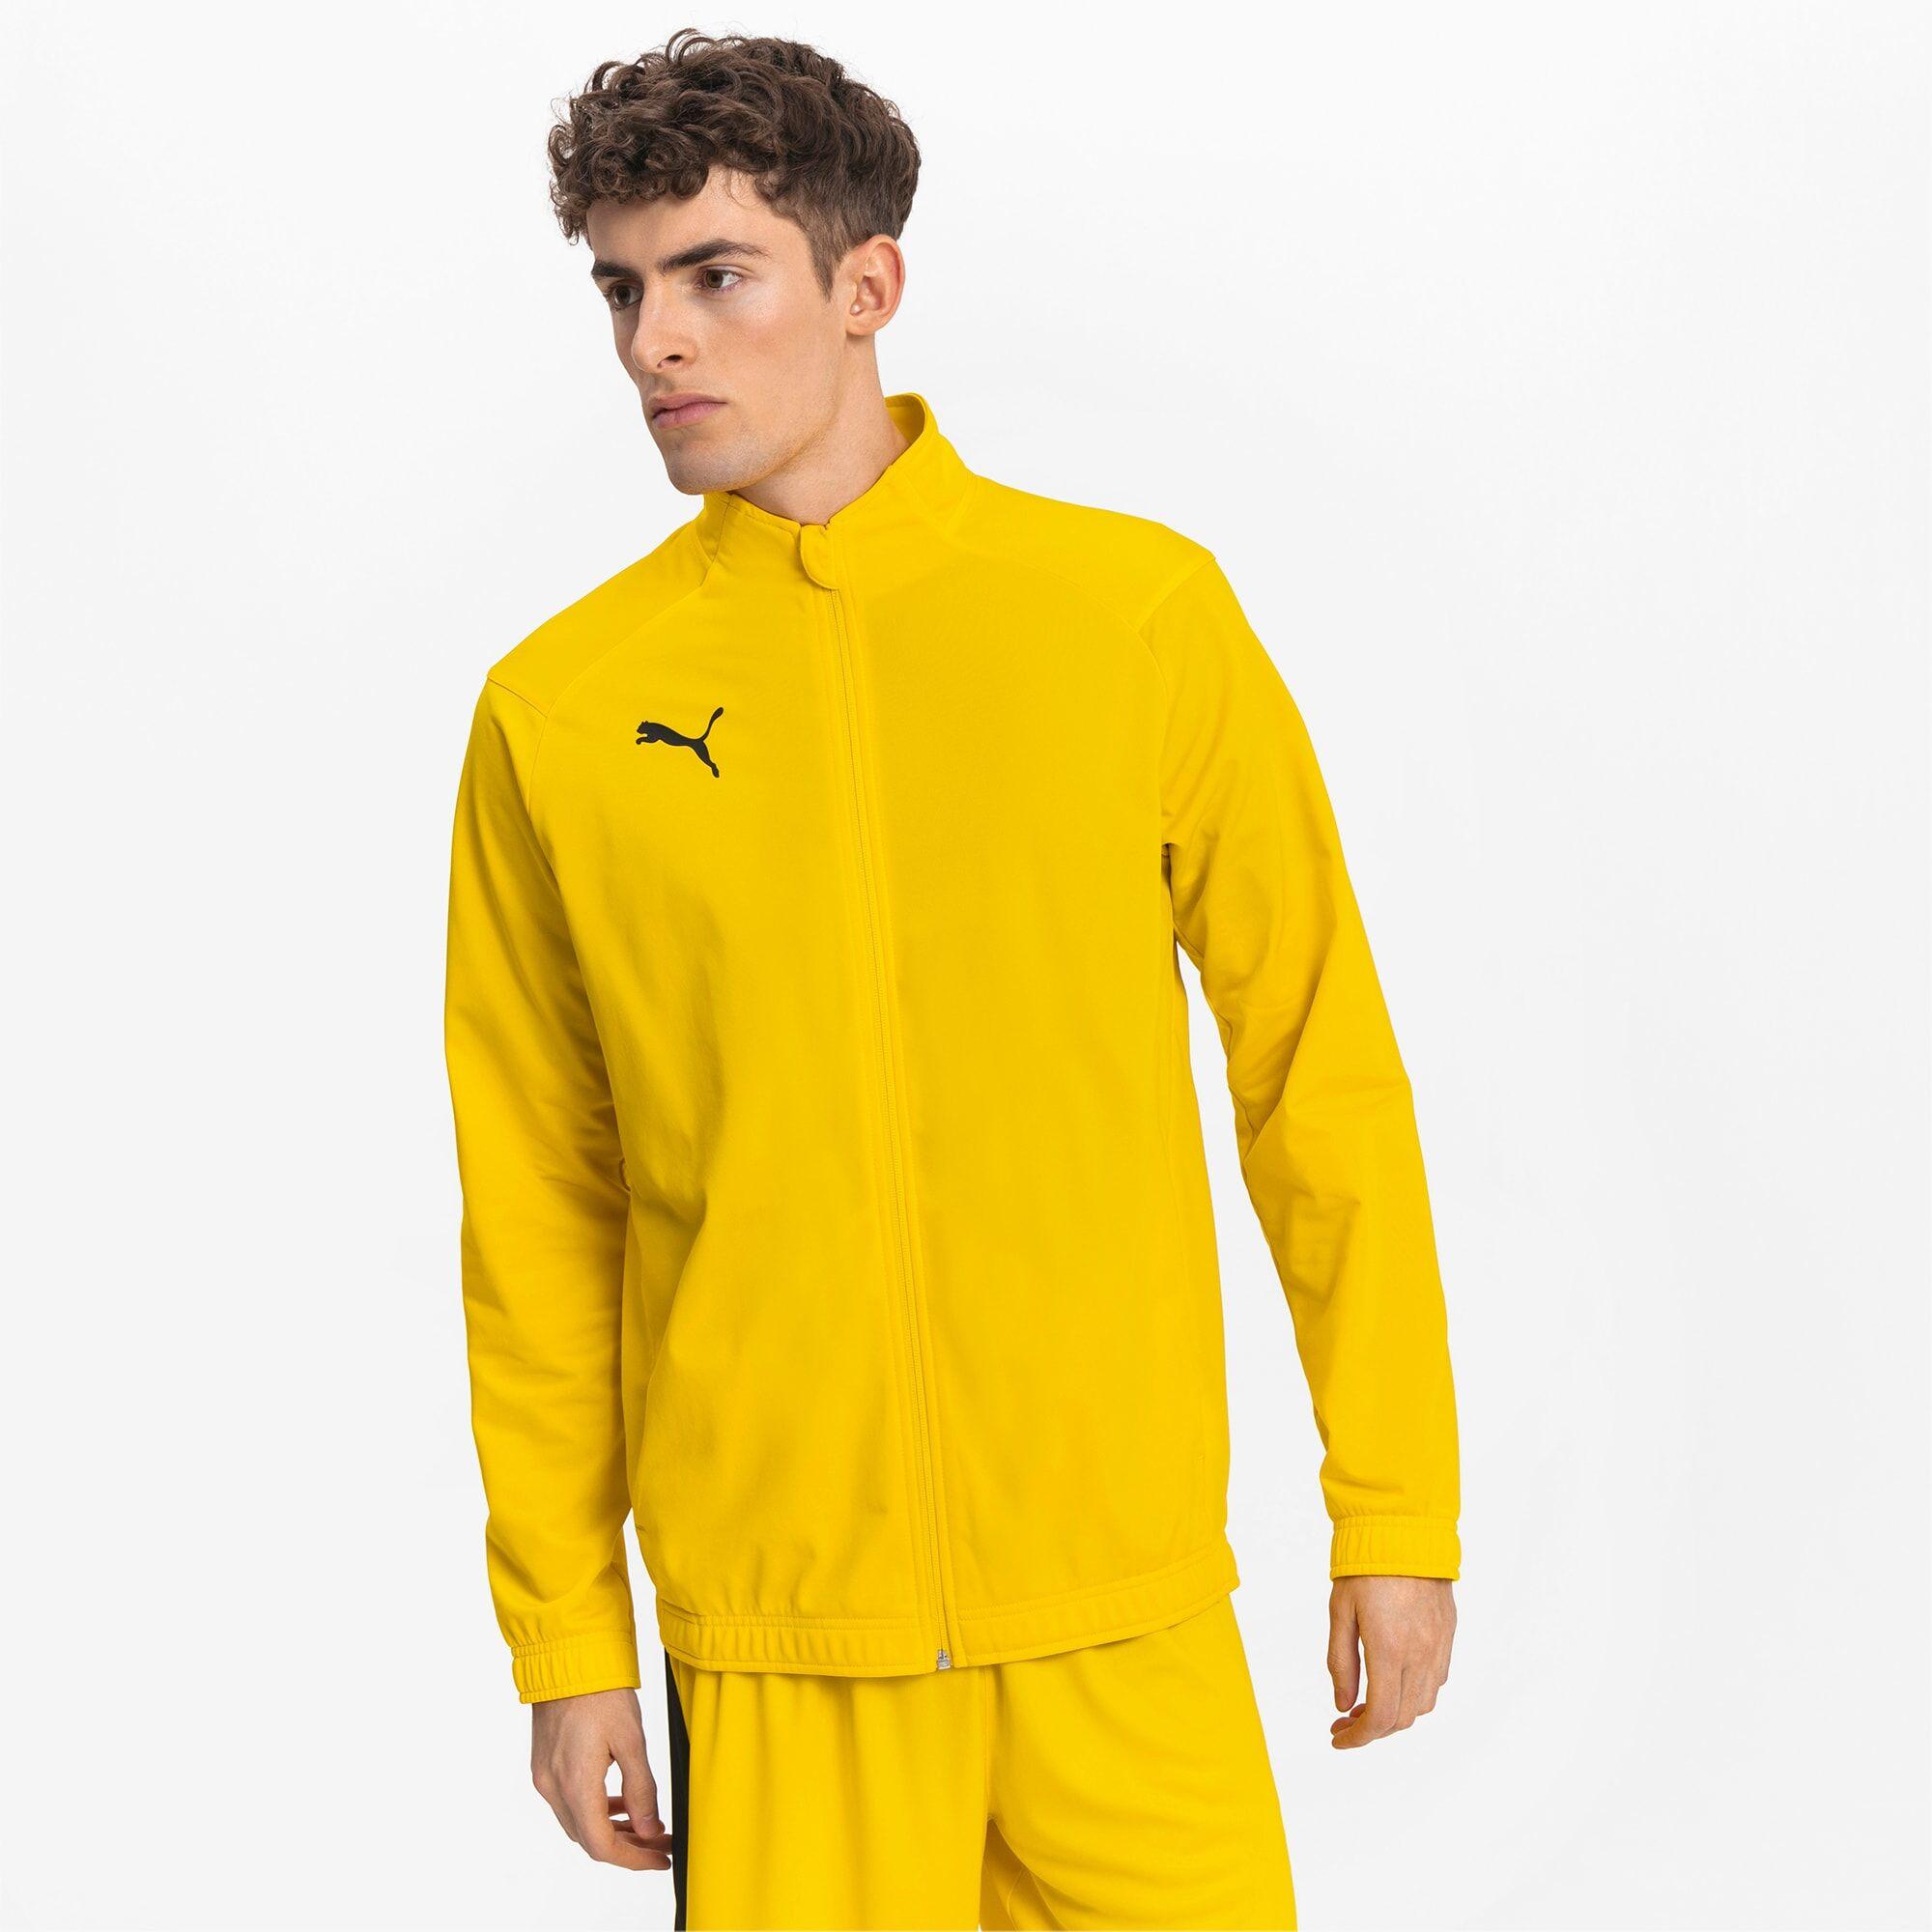 PUMA Blouson de football LIGA Sideline Poly Core pour Homme, Jaune/Noir, Taille L, Vêtements